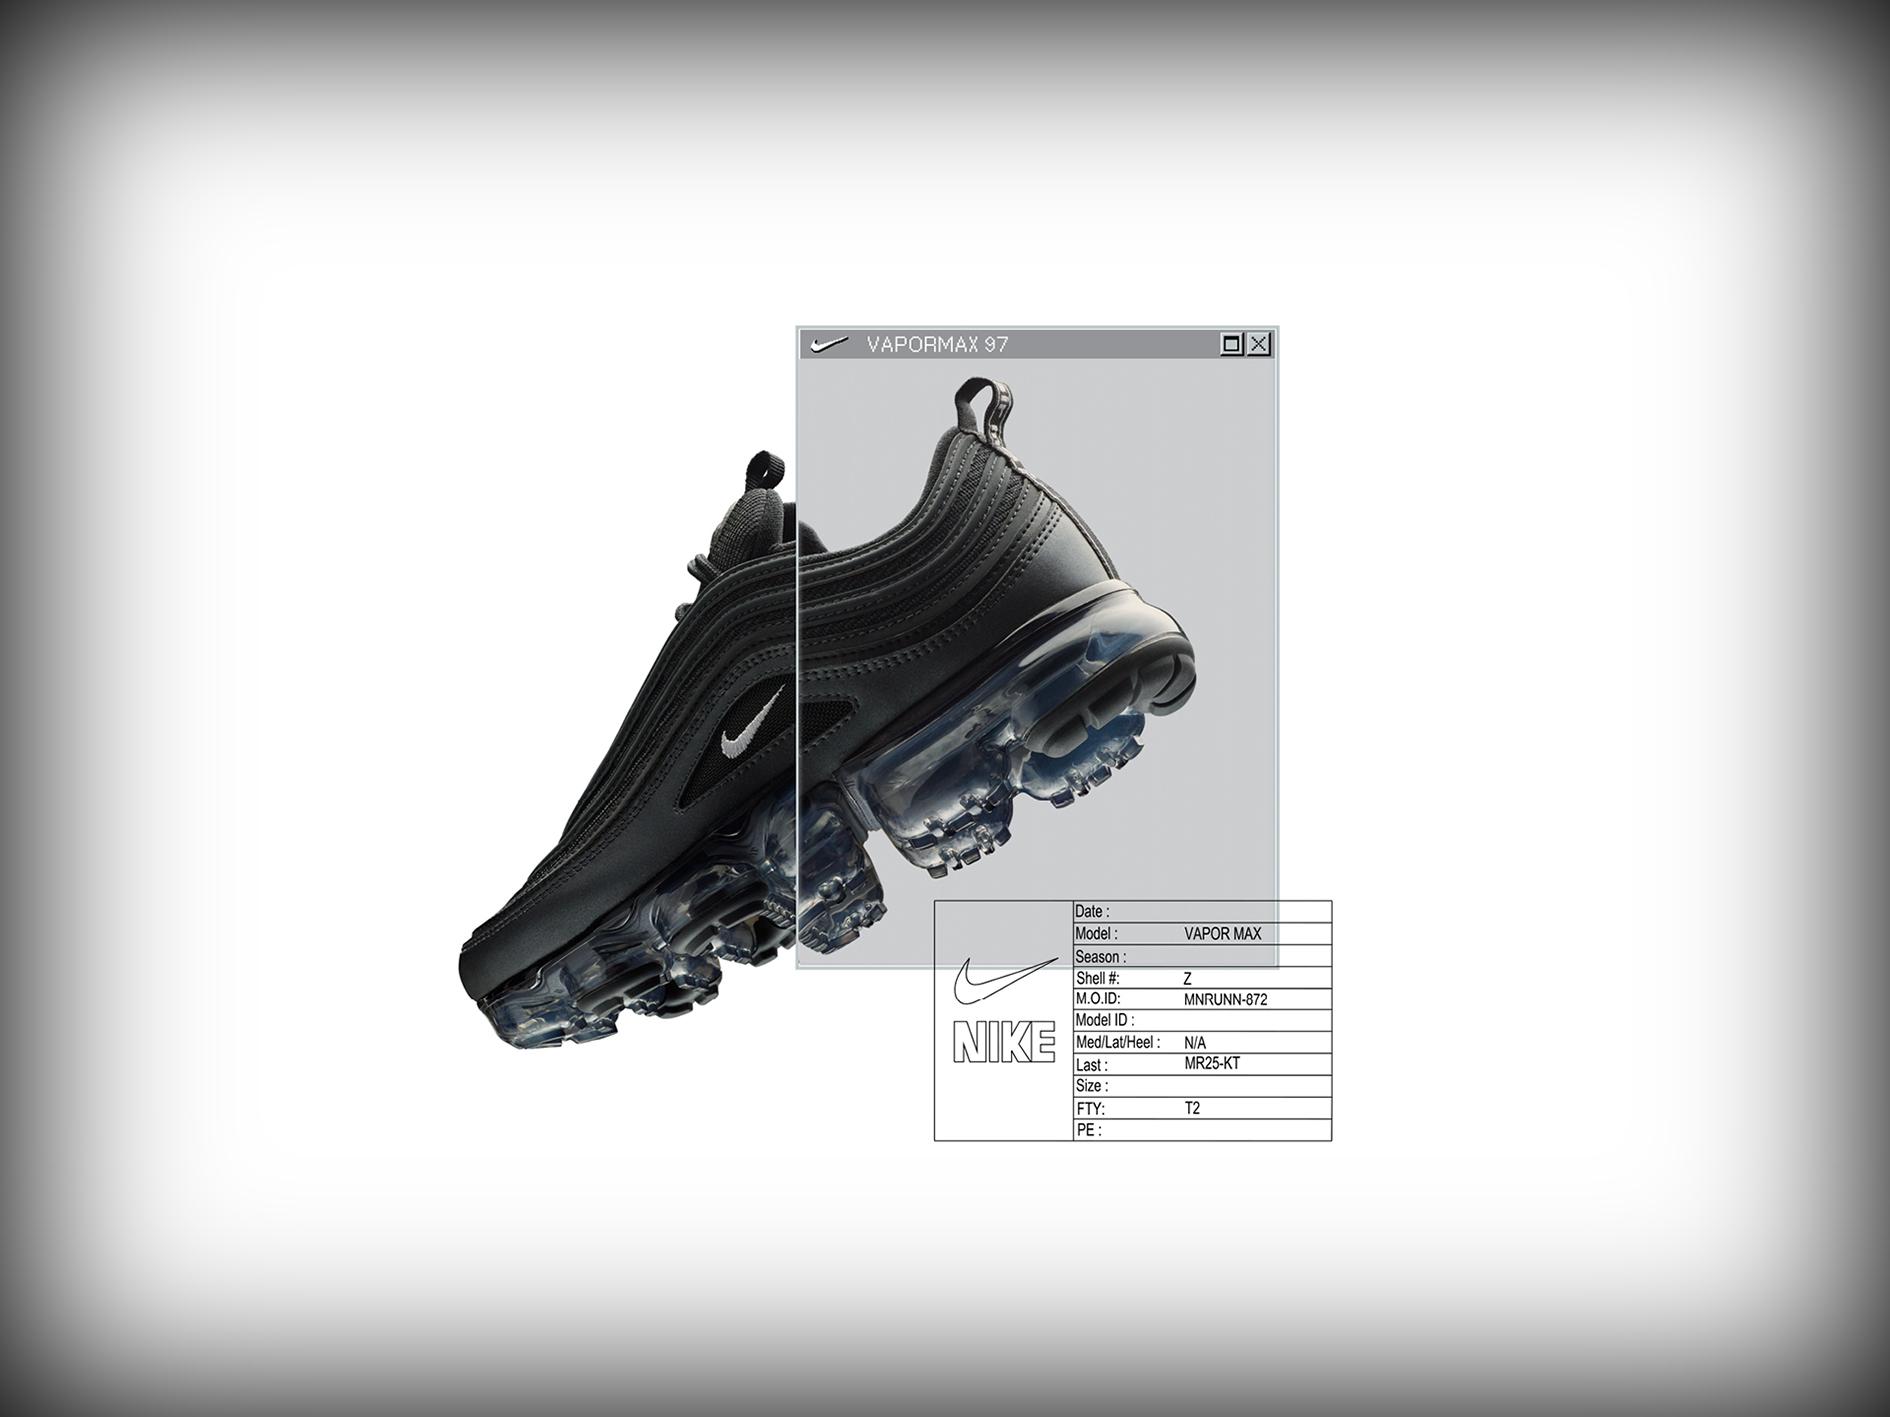 32594ba756b De sneakers zijn licht als wolken, ideaal voor een wandeling en op het  voetbalveld. Deze nieuwe Nike Air Max's aanschaffen? Check de website van  Nike.